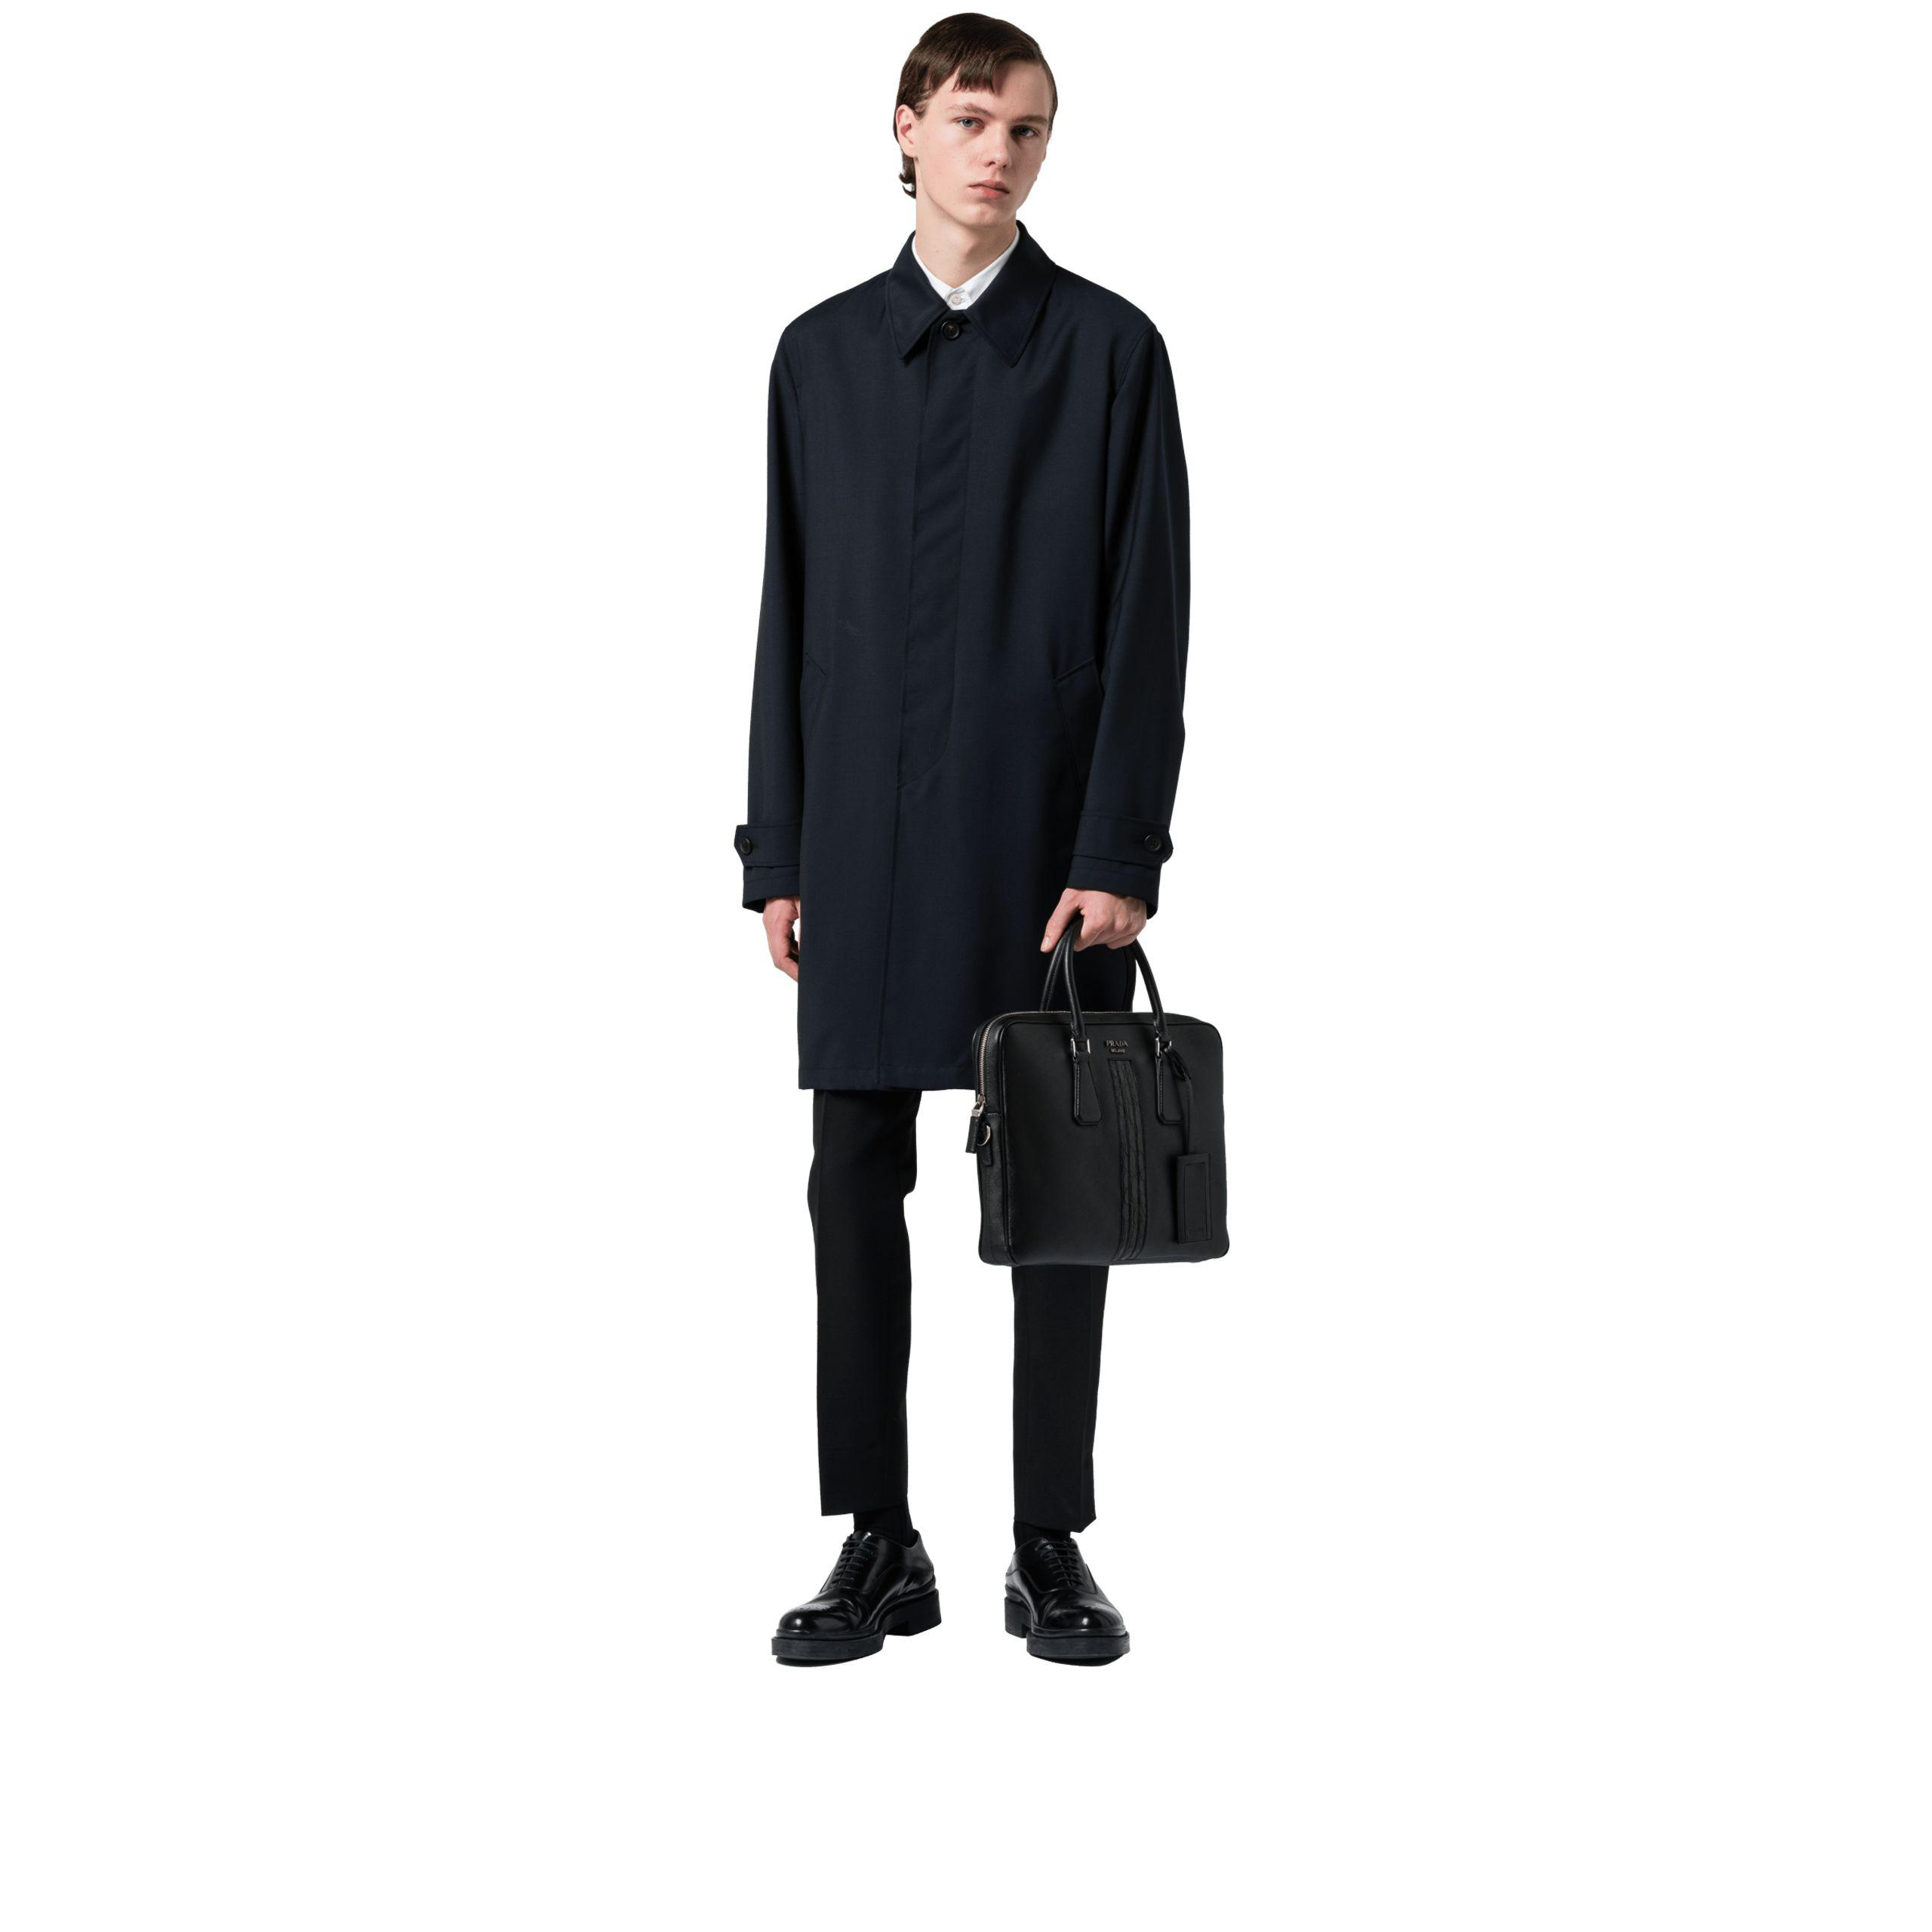 a3093a80f6eeb Lyst - Prada Saffiano Leather Work Bag in Black for Men